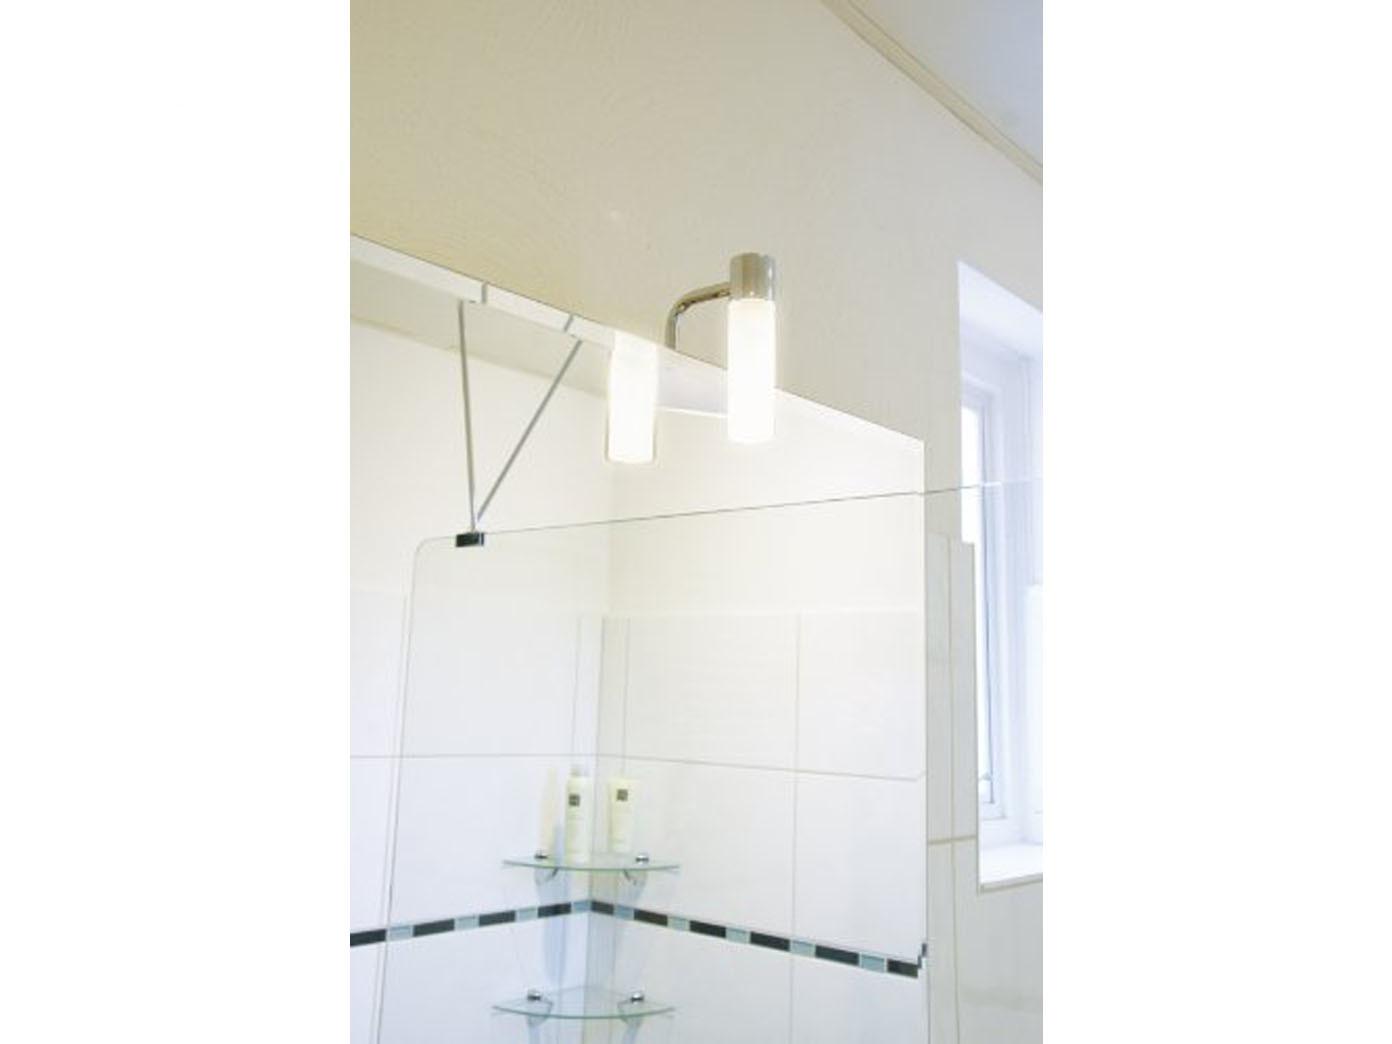 badezimmer spiegelleuchte mit led lampenschirm glas beleuchtung bad spiegel ebay. Black Bedroom Furniture Sets. Home Design Ideas